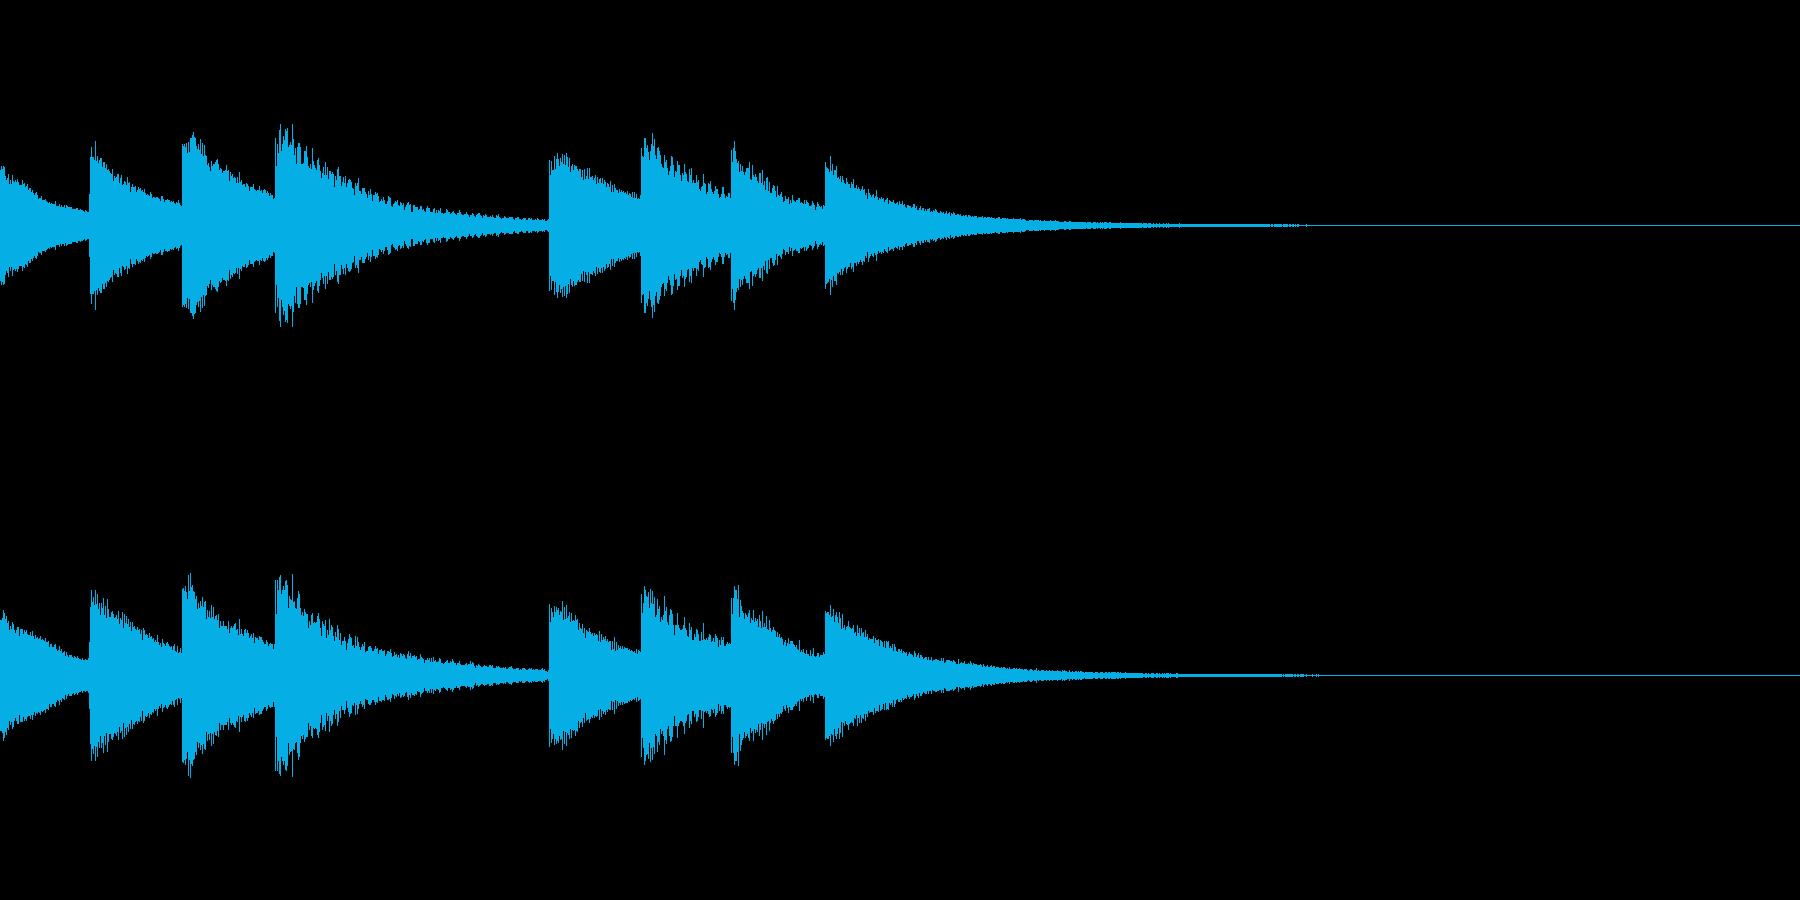 始業・終業 学校のチャイム03の再生済みの波形